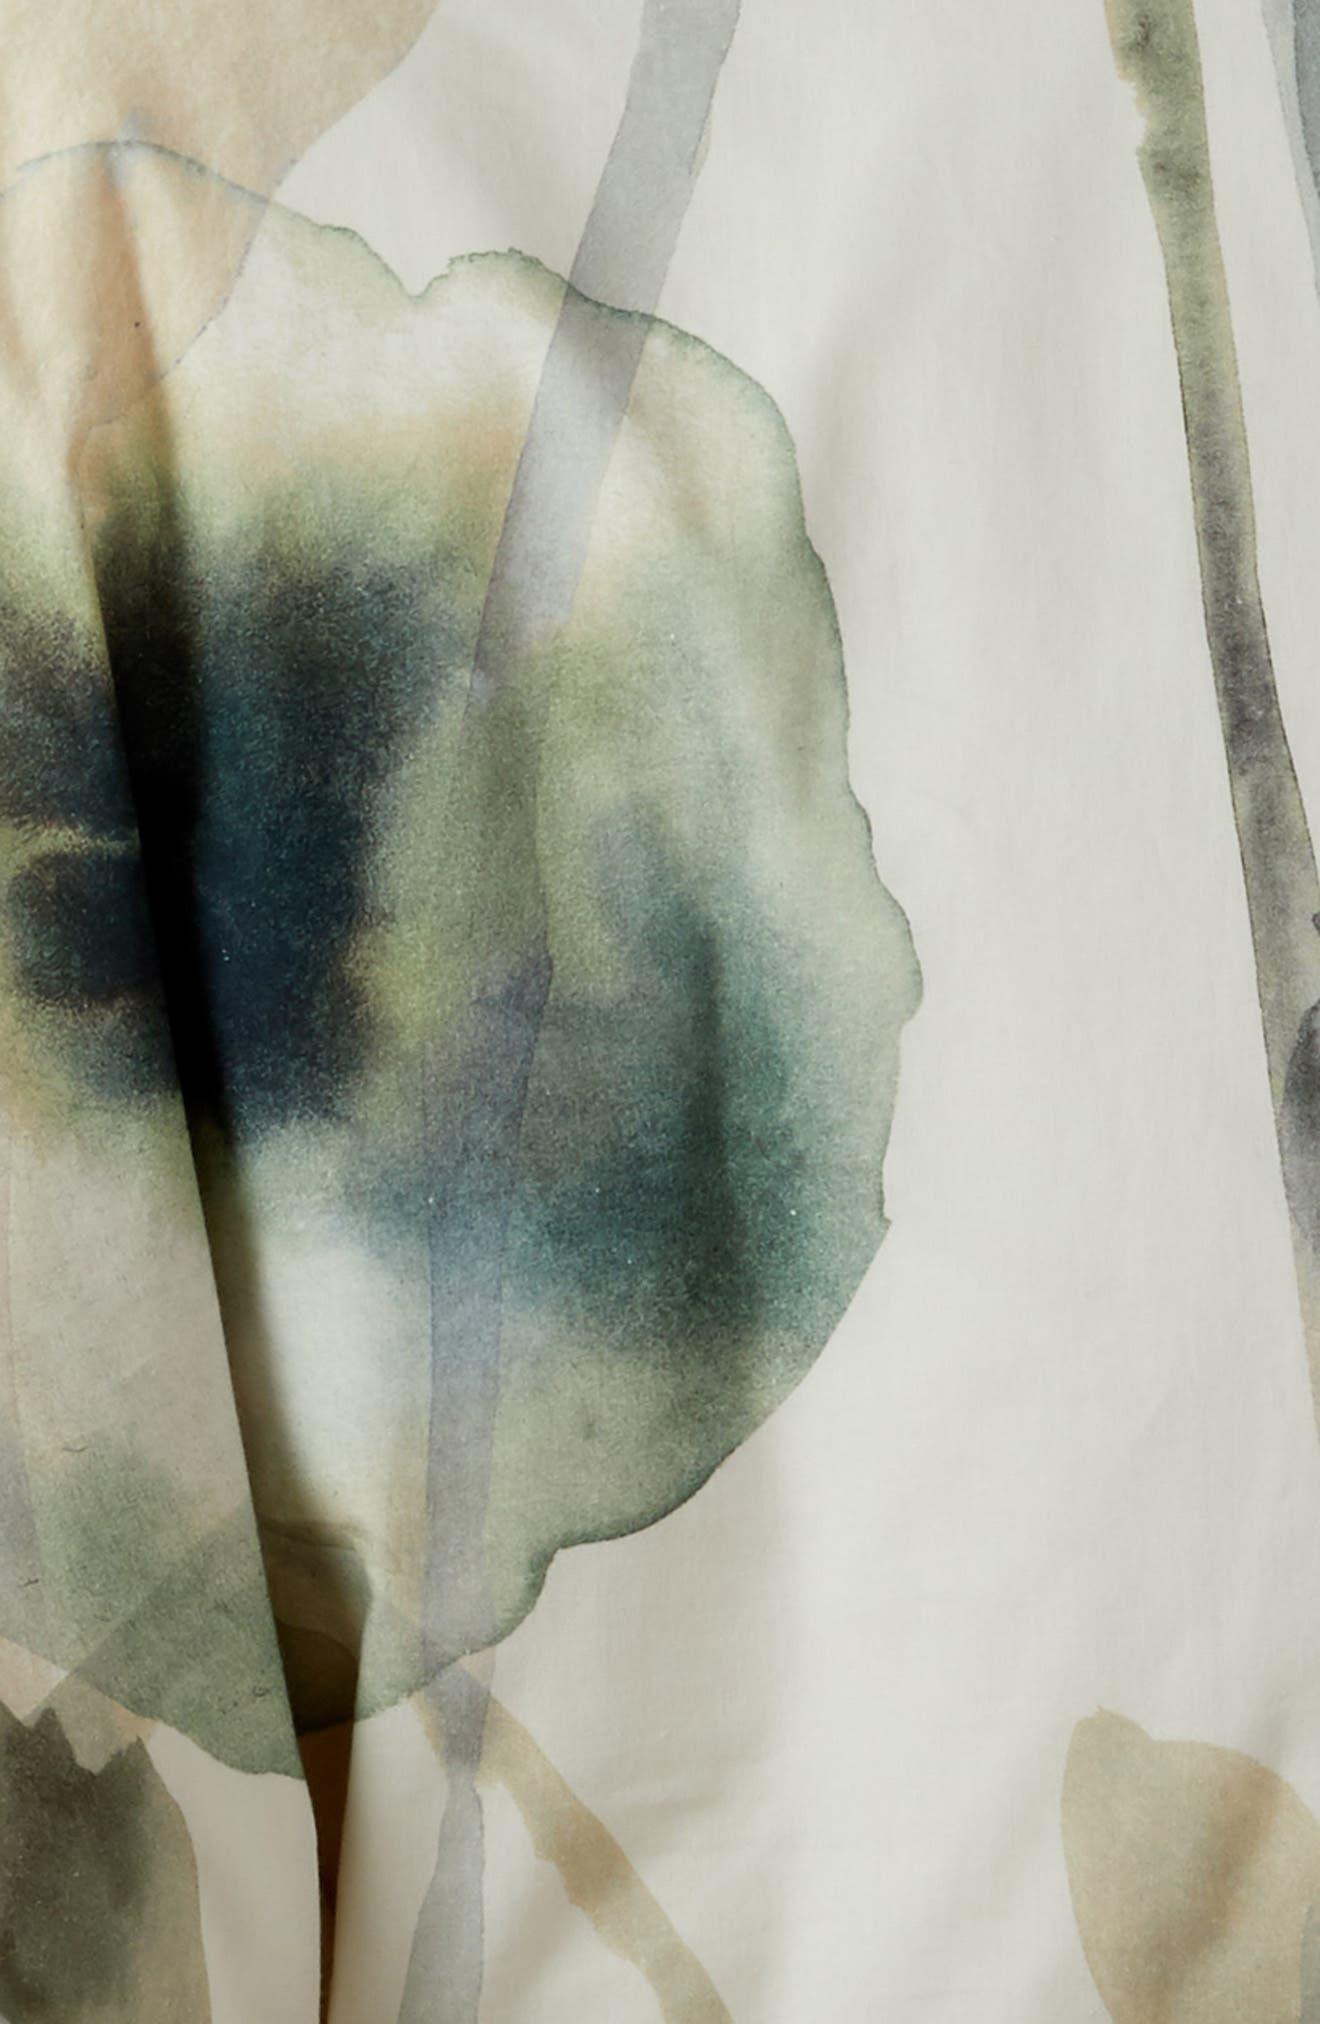 Floral Print Duvet Cover,                             Alternate thumbnail 2, color,                             WHITE WHISPER